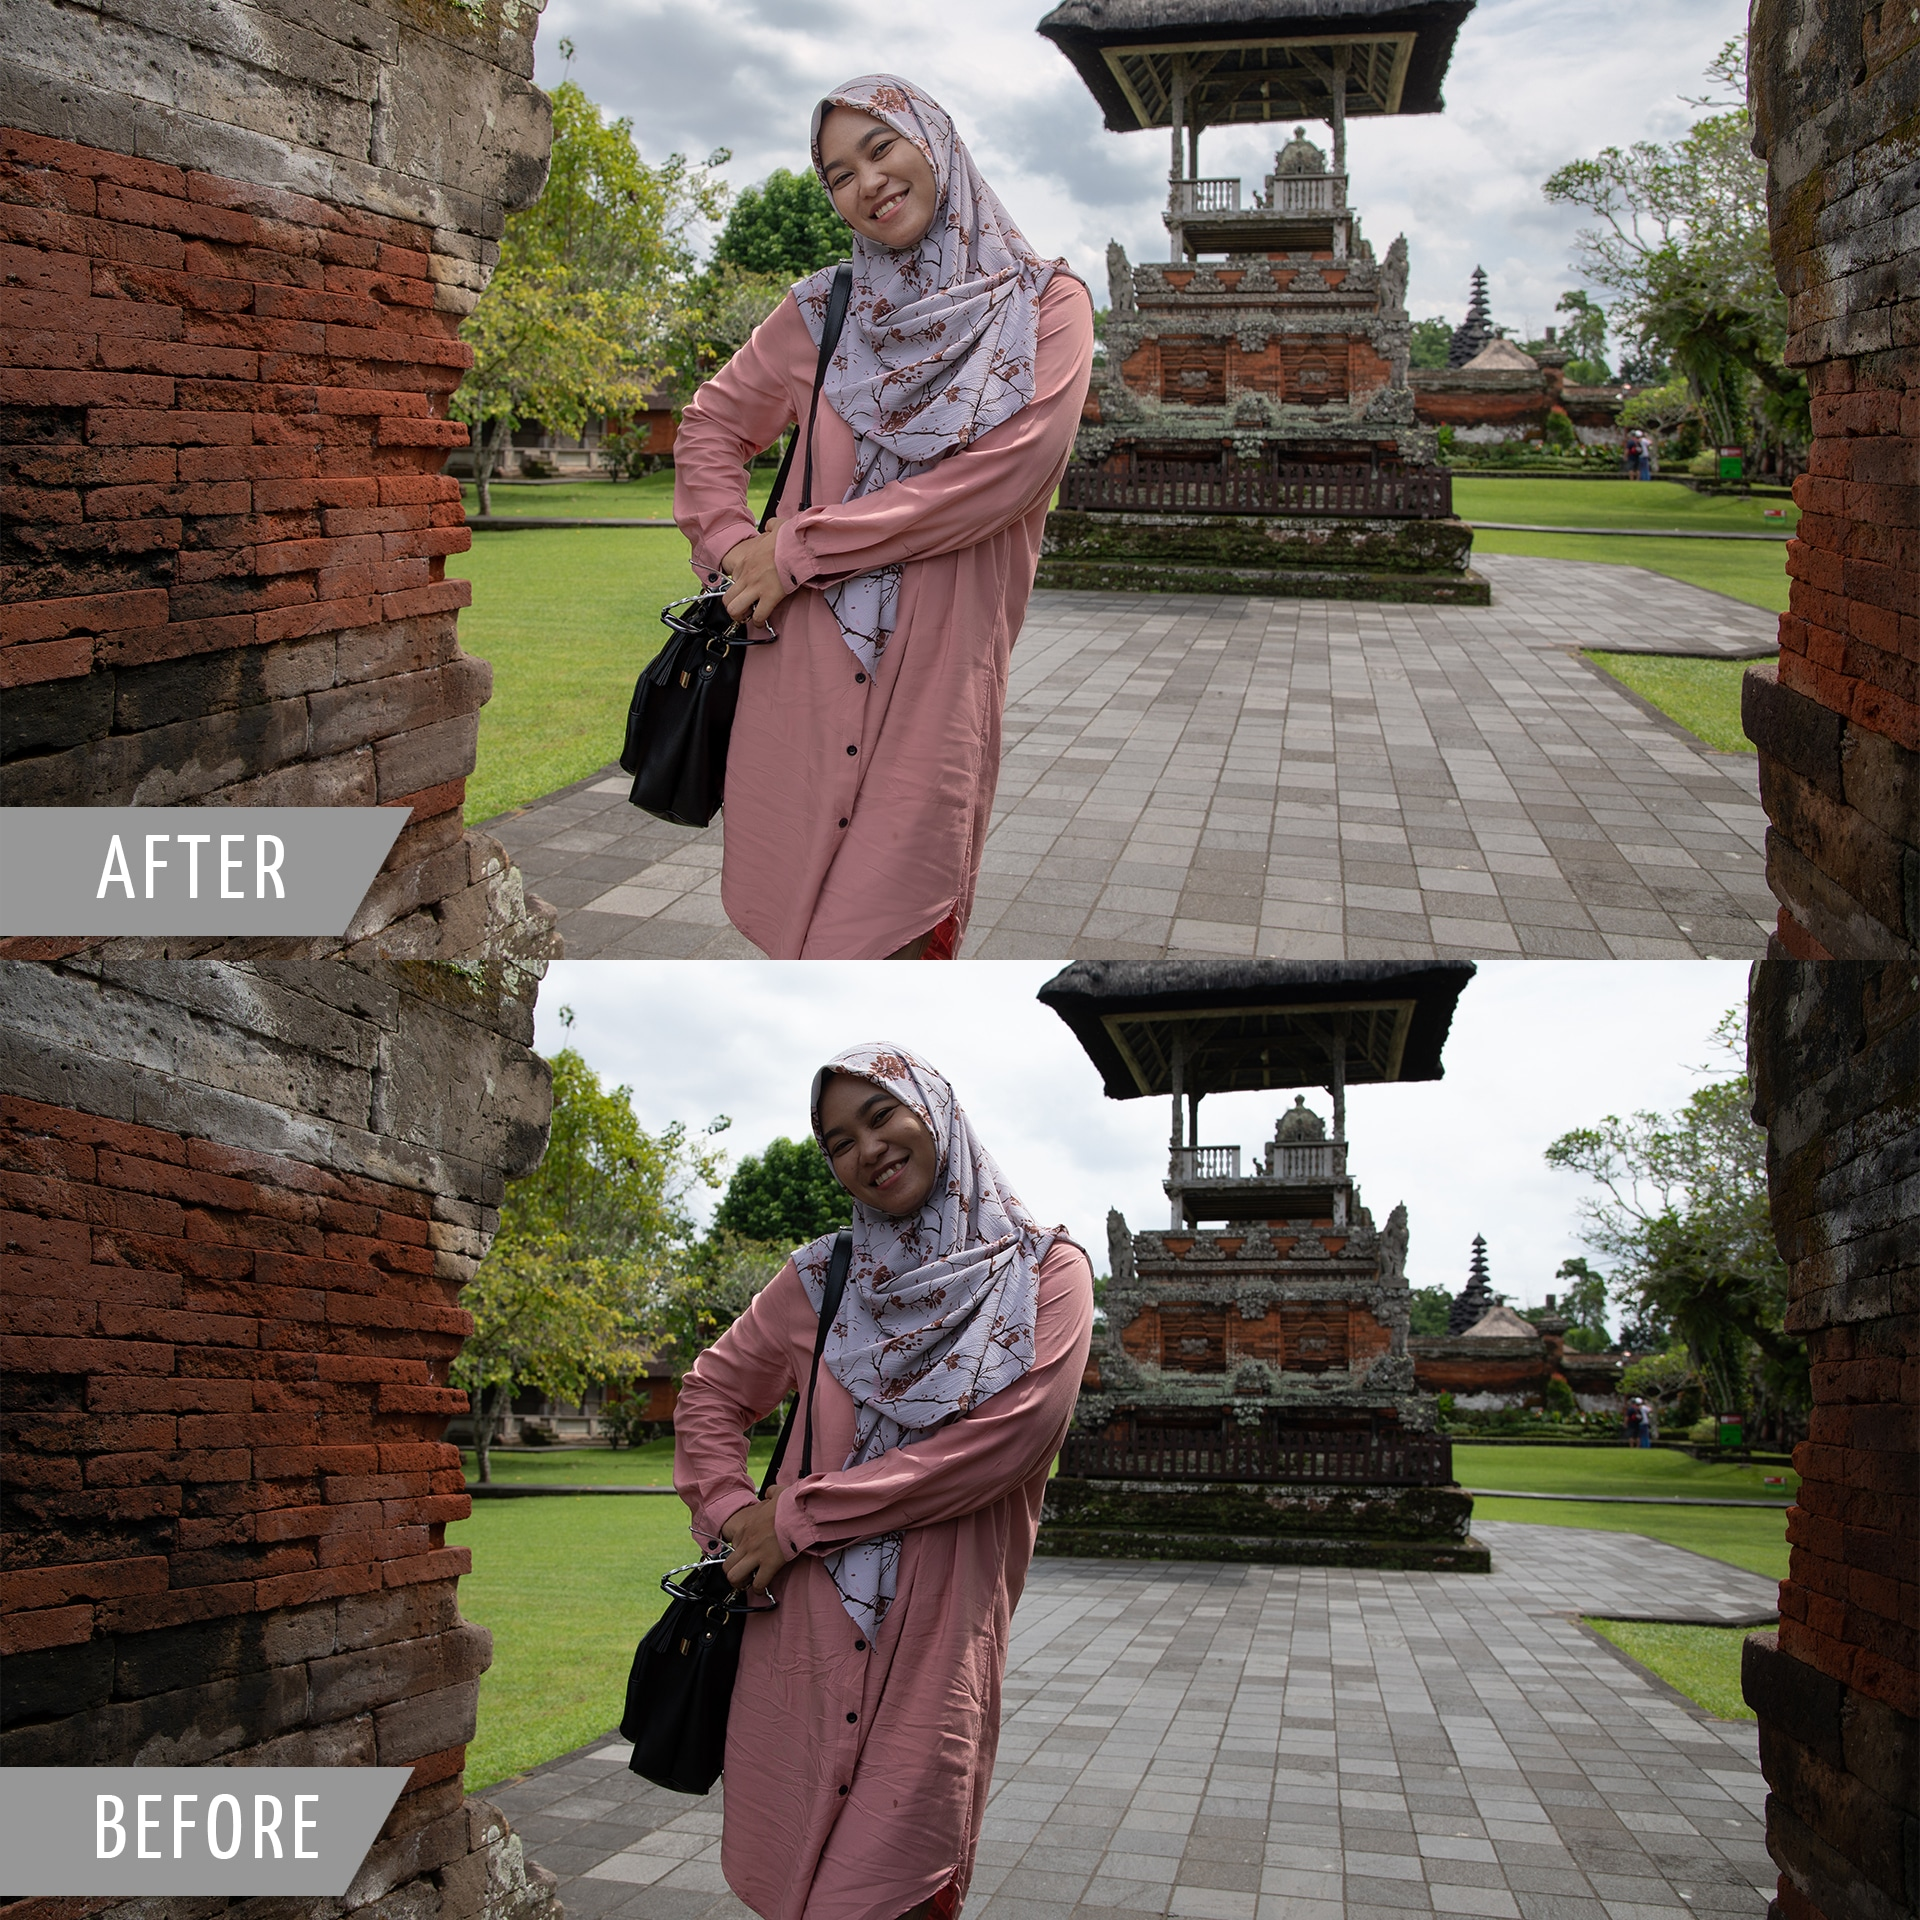 Hasil Jadi Layanan Editing Foto - Standard Package